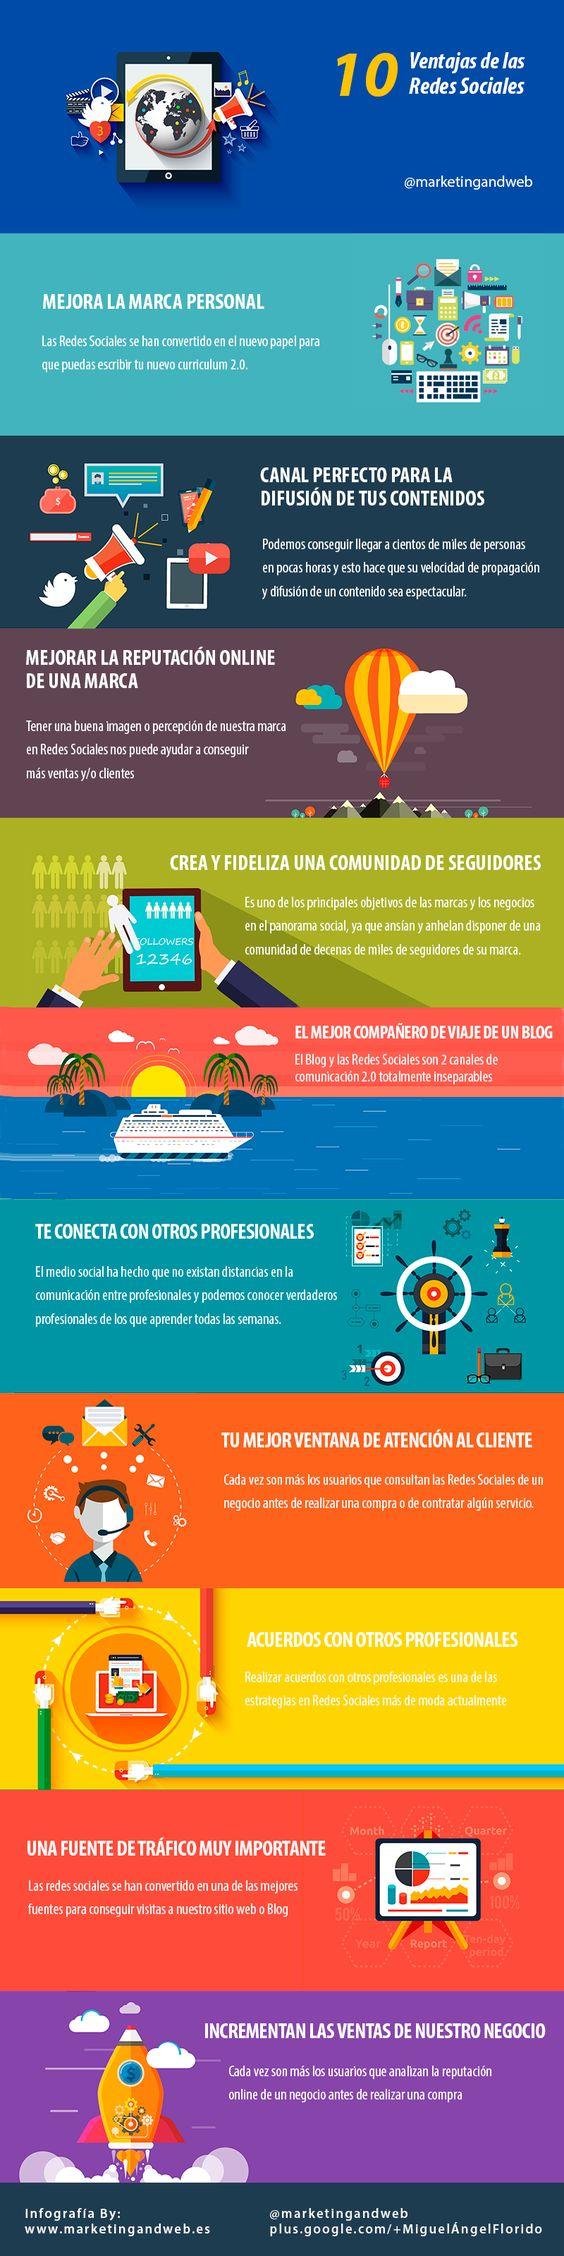 10 ventajas de las Redes Sociales. #infografia